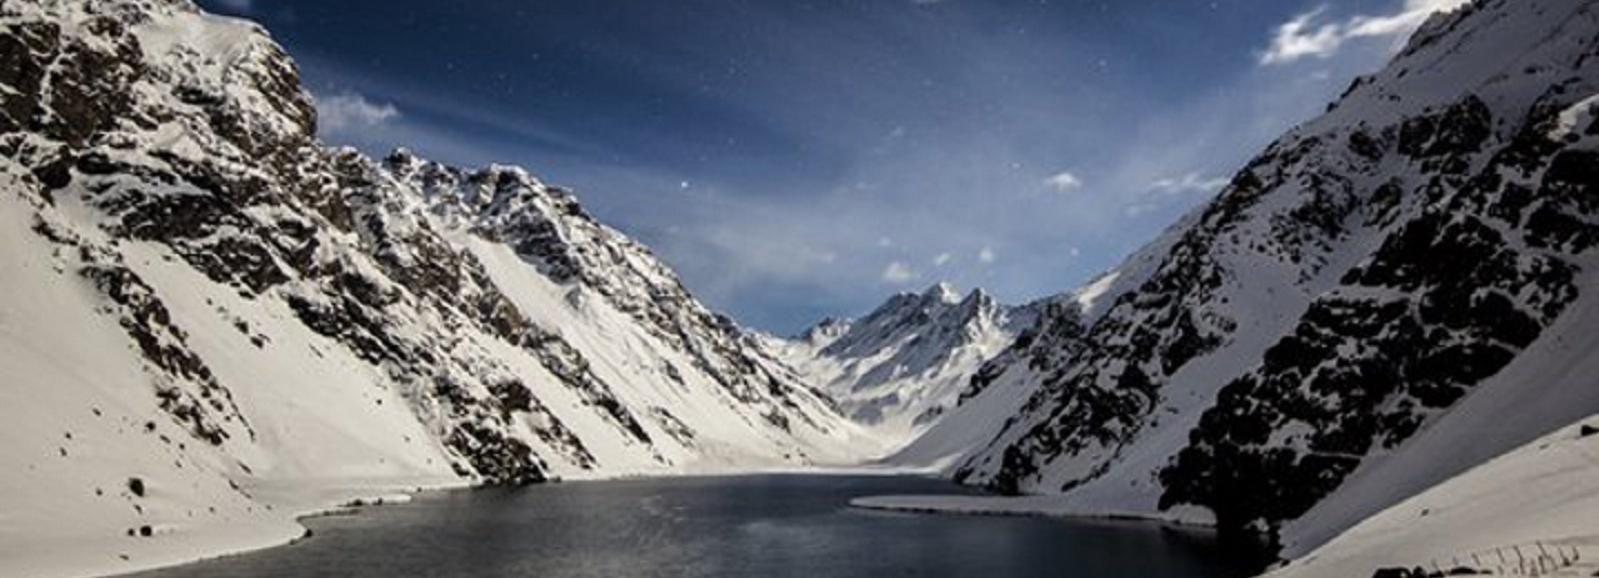 Portillo Ski Resort and Lagoon Private Trip from Santiago